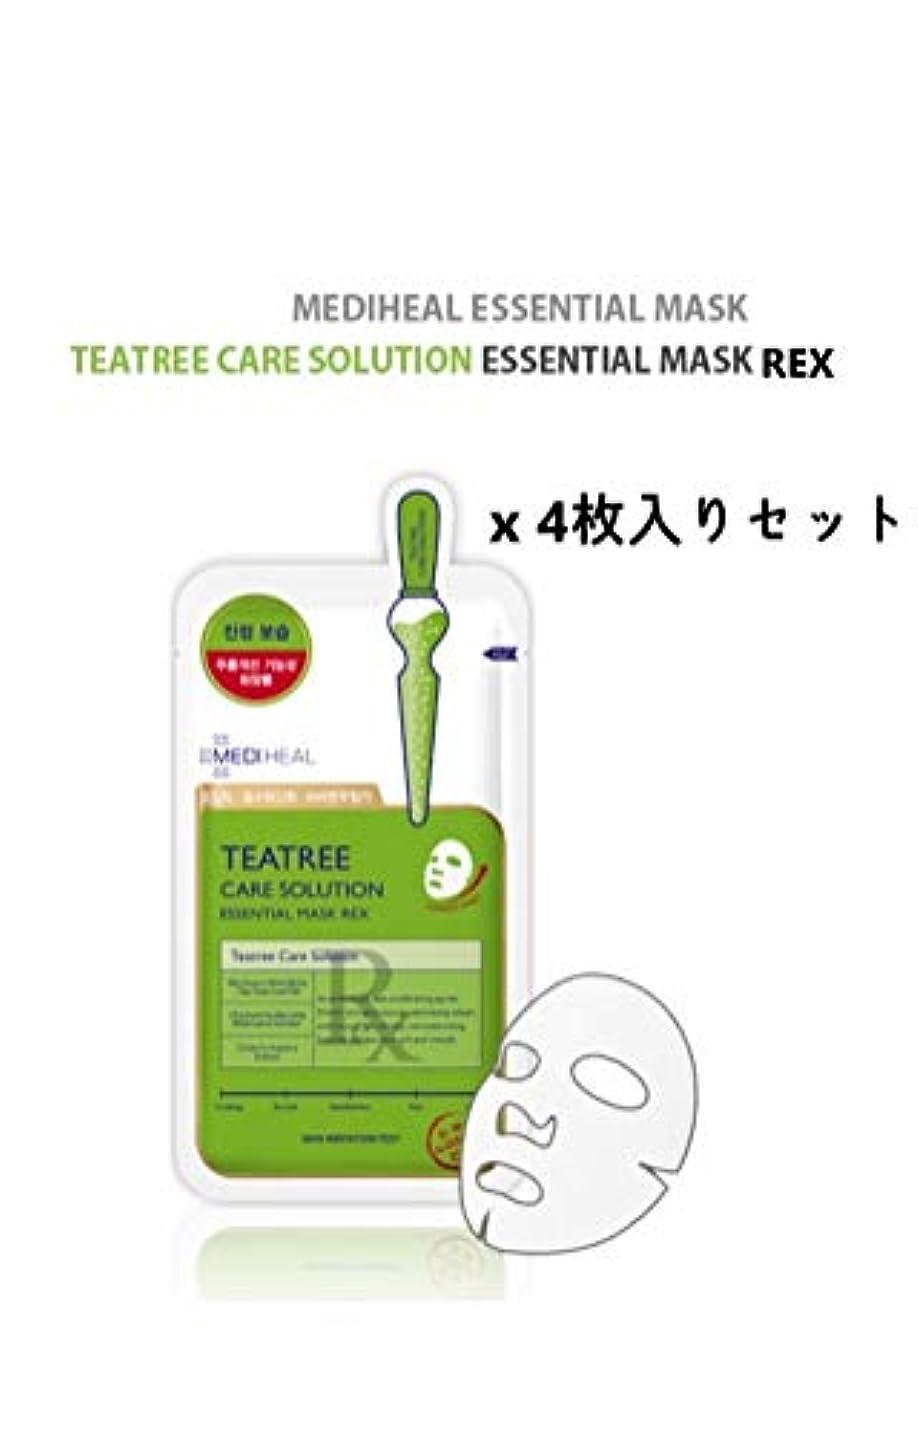 傷つけるウルルポイントMEDI HEAL☆Teatree Care Solution essential mask REX(4pcs)☆ メディヒール ティーツリーケア ソルーション エッセンシャルマスクREX(4枚入り) [並行輸入品]